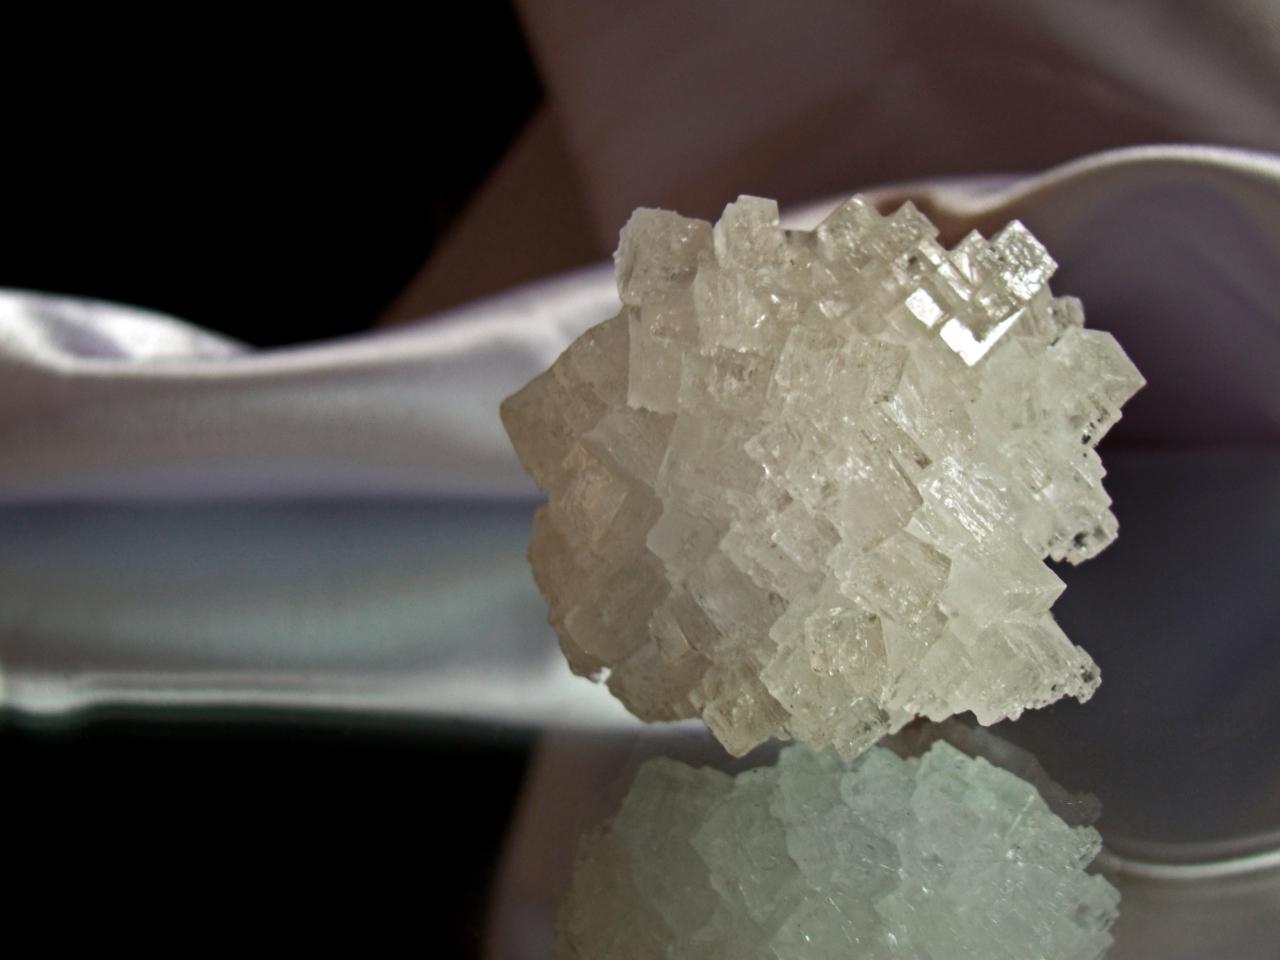 Image to the word соль,  Pictures gallery of Zingi, соль,кристалл,, Соль – один из продуктов первой необходимости, имеющий интереснейшую историю В древности соль почитали как святыню, потому что она имела чудесное свойство предохранять продукты от порчи, что в то время было очень важно